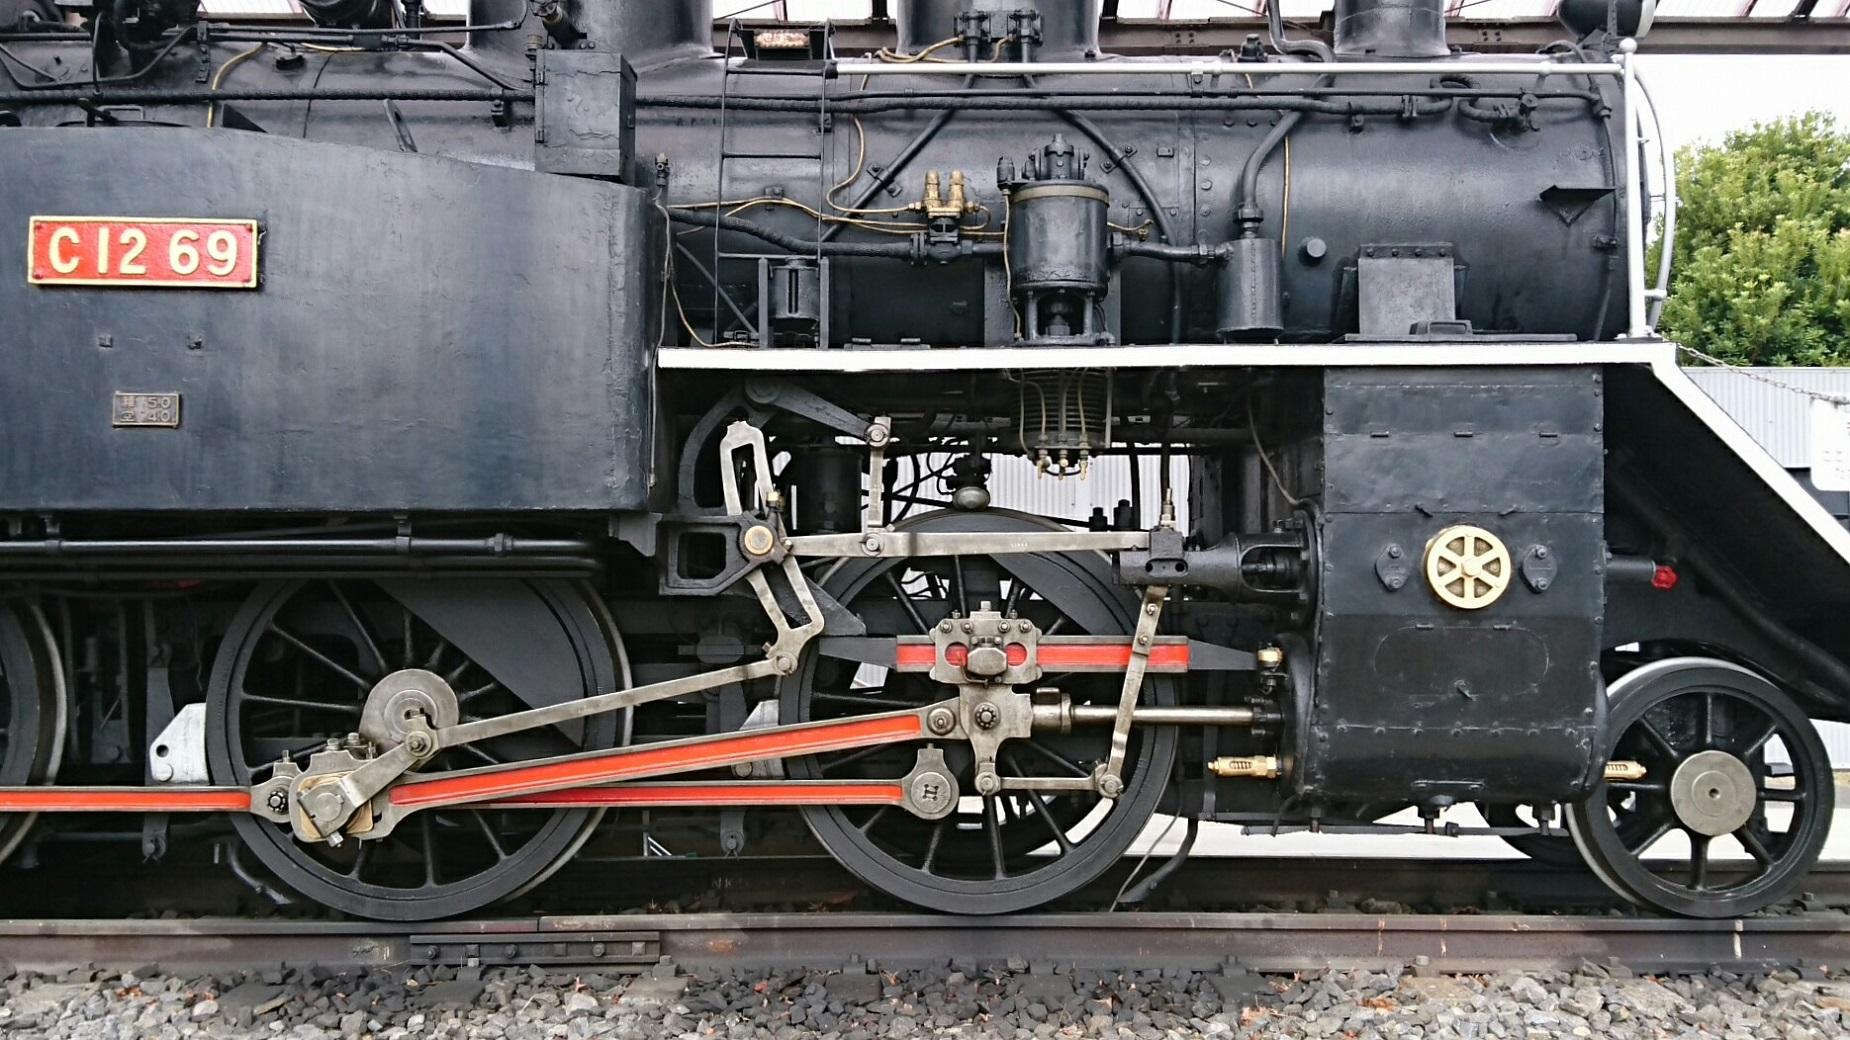 2019.3.28 (5) あんじょうし - 蒸気機関車C12-69(動輪) 1850-1040